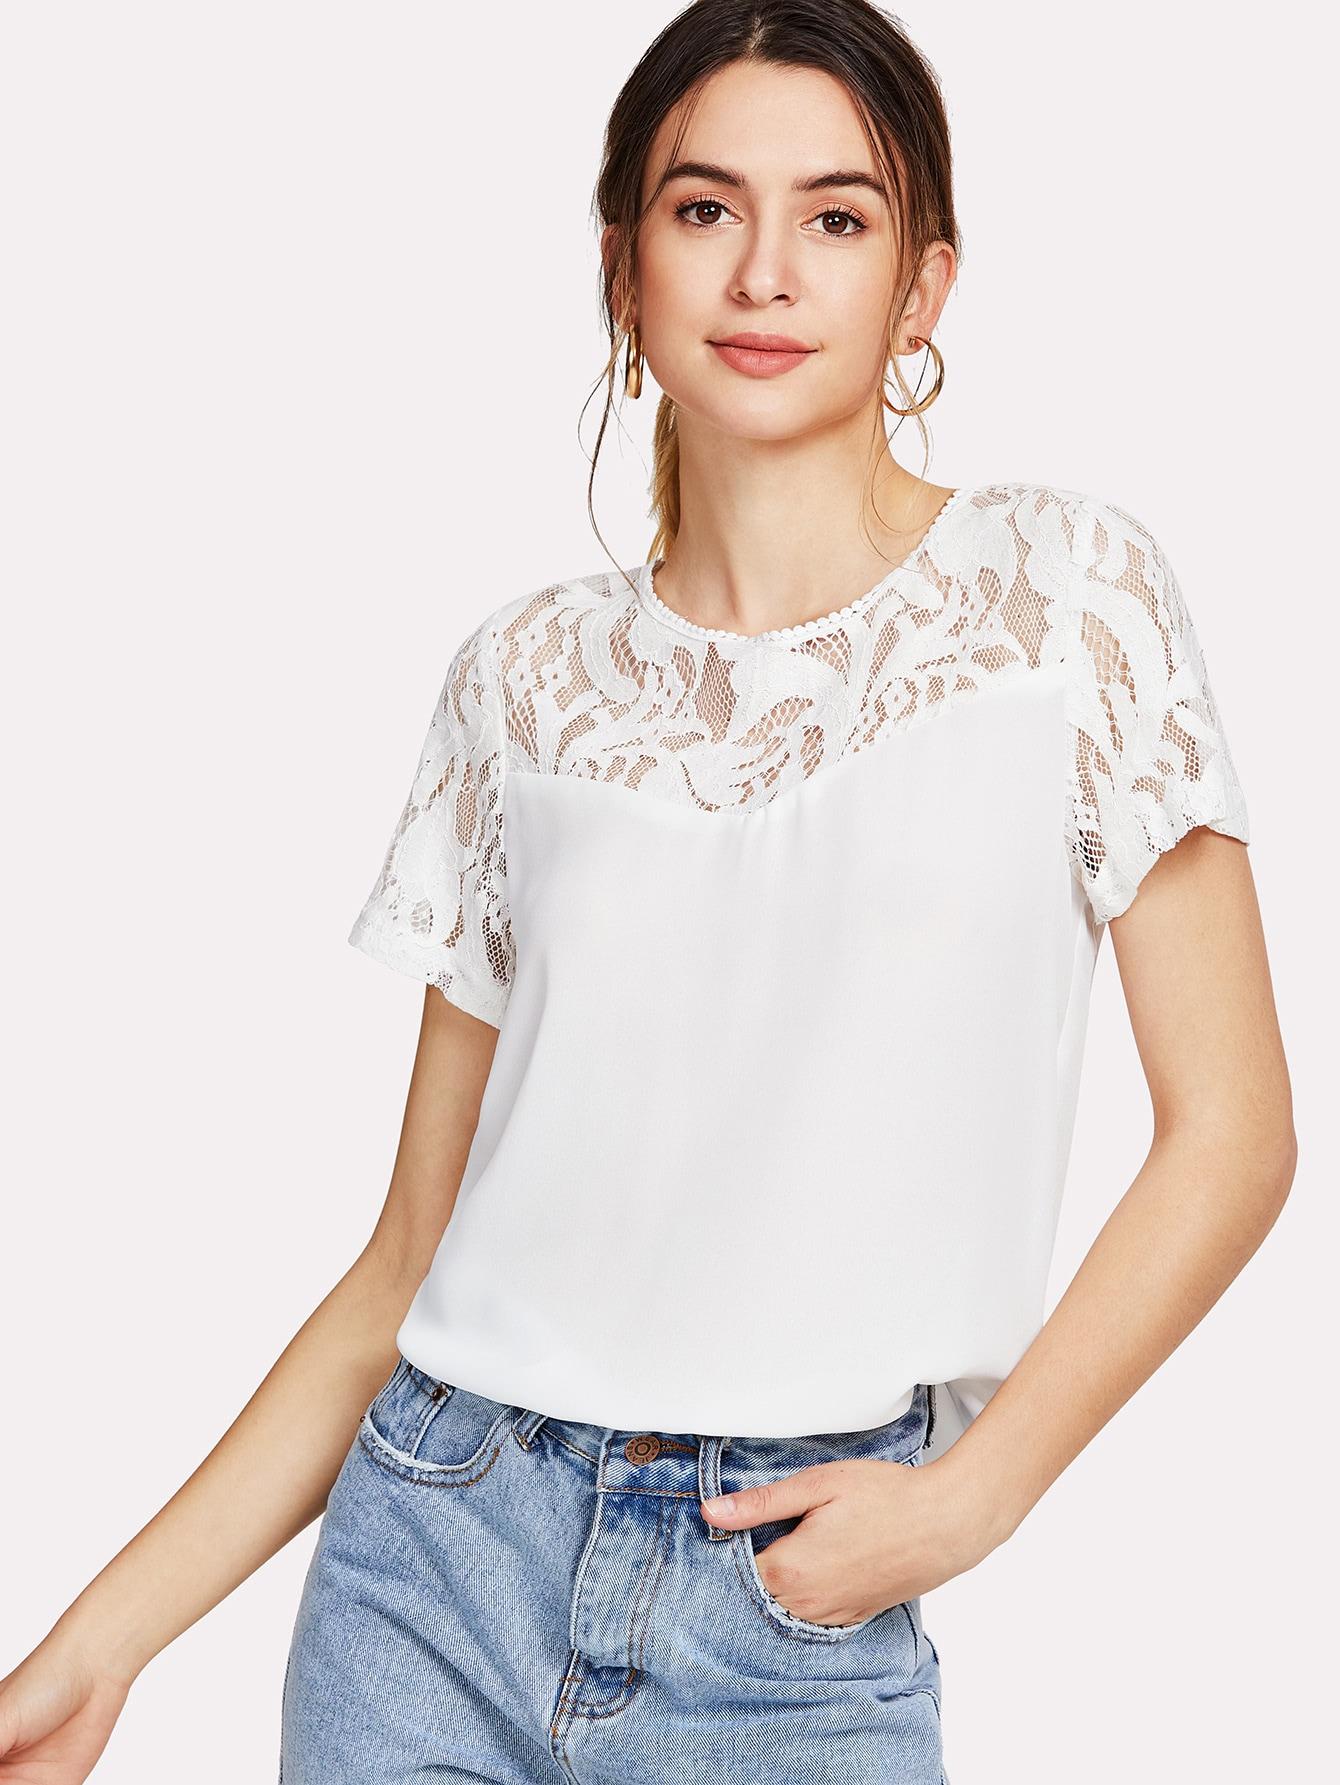 Floral Lace Insert Blouse lace insert floral blouse